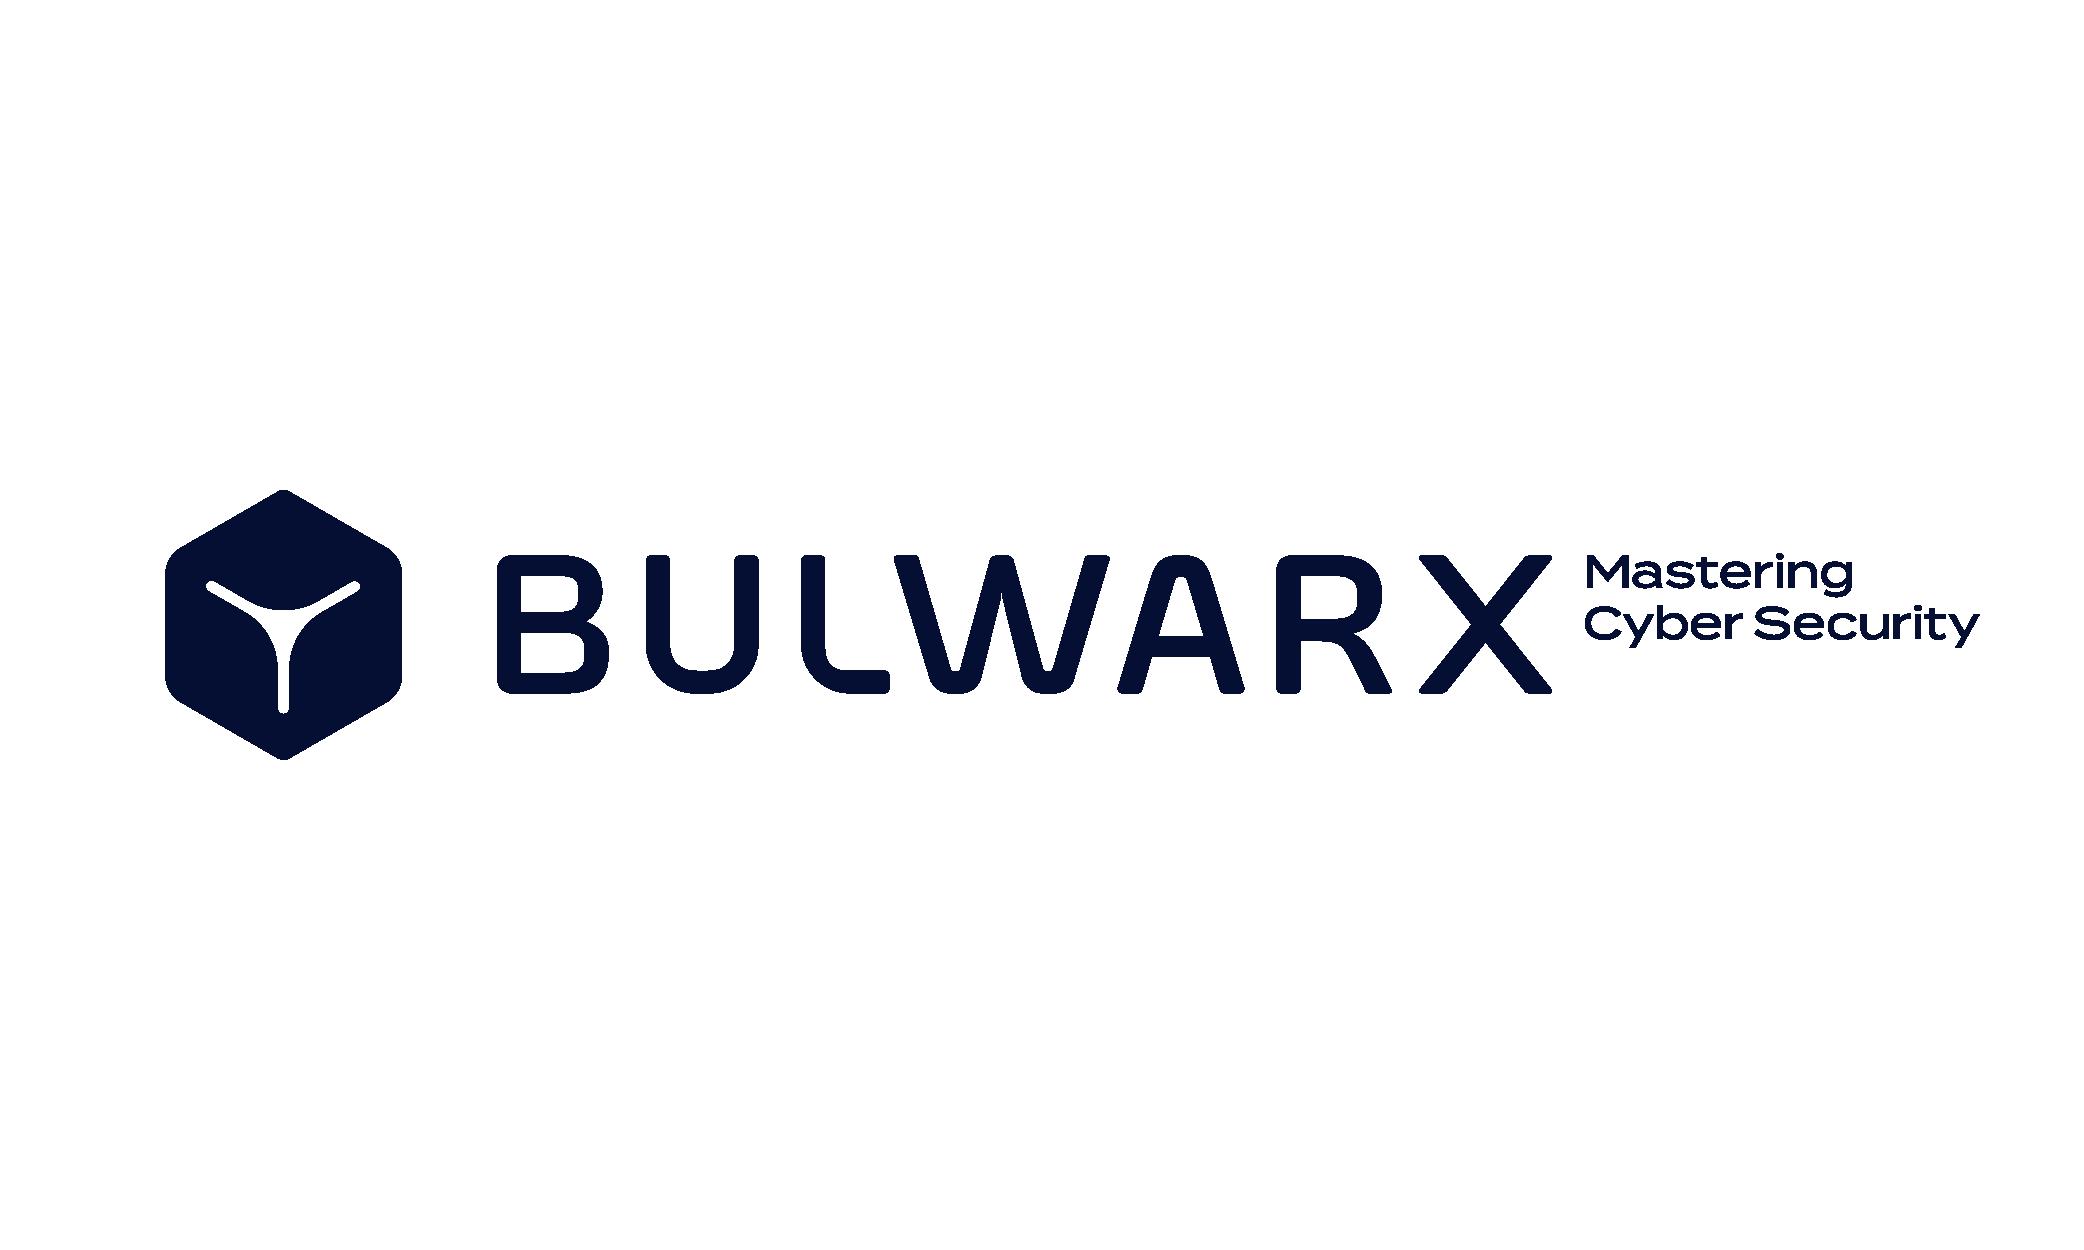 Bulwarx logo